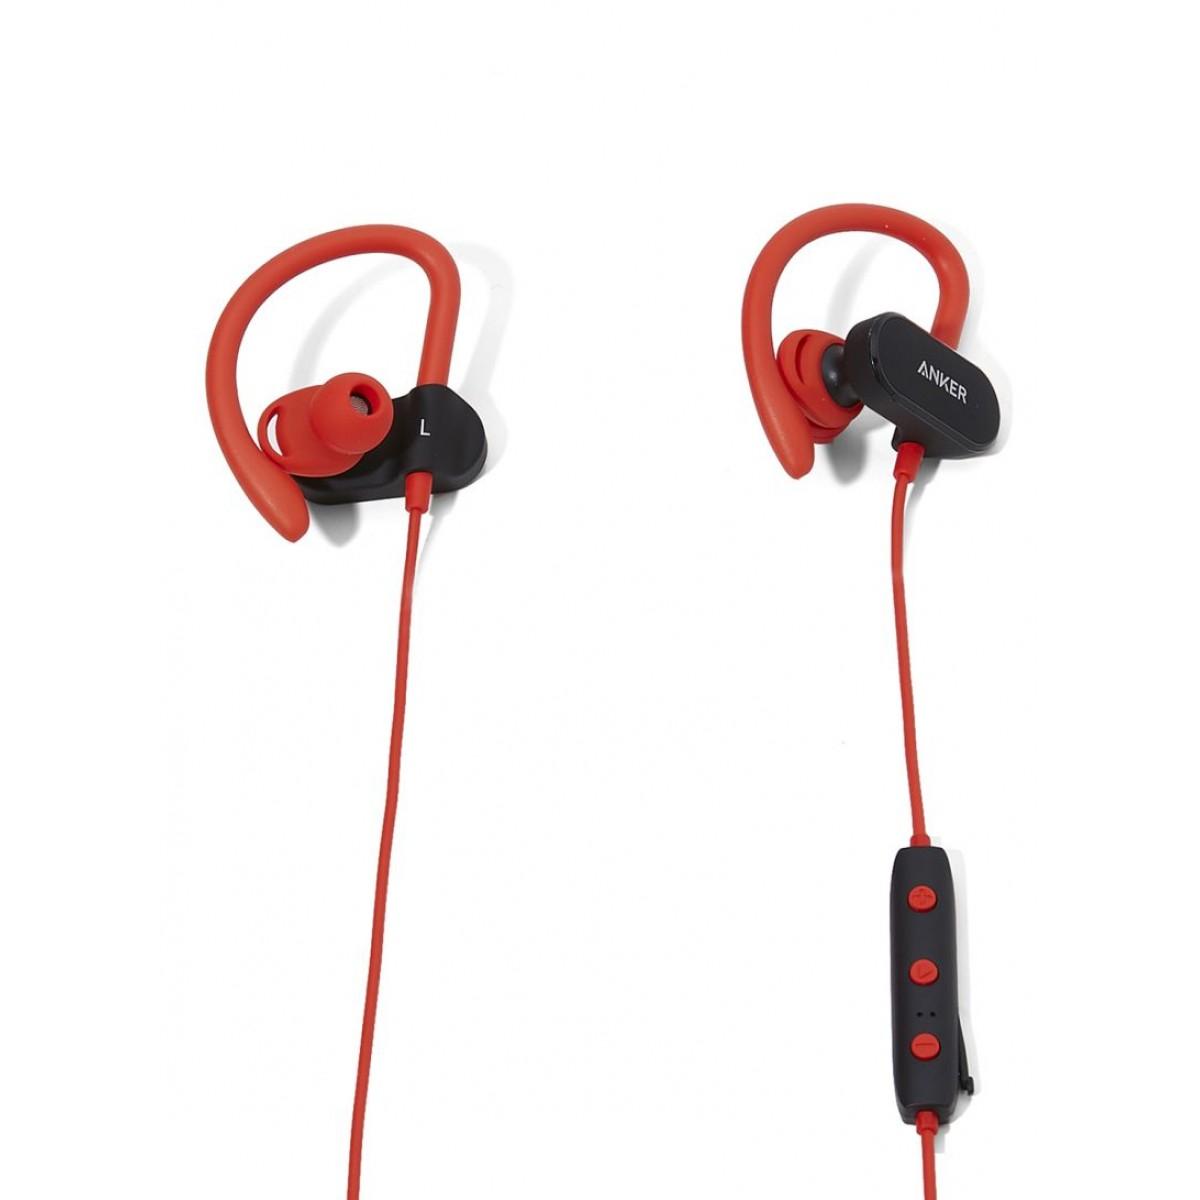 سماعة الأذن اللاسلكية ساوند بادز مقوسة الشكل المزودة بميكروفون أسود/أحمر